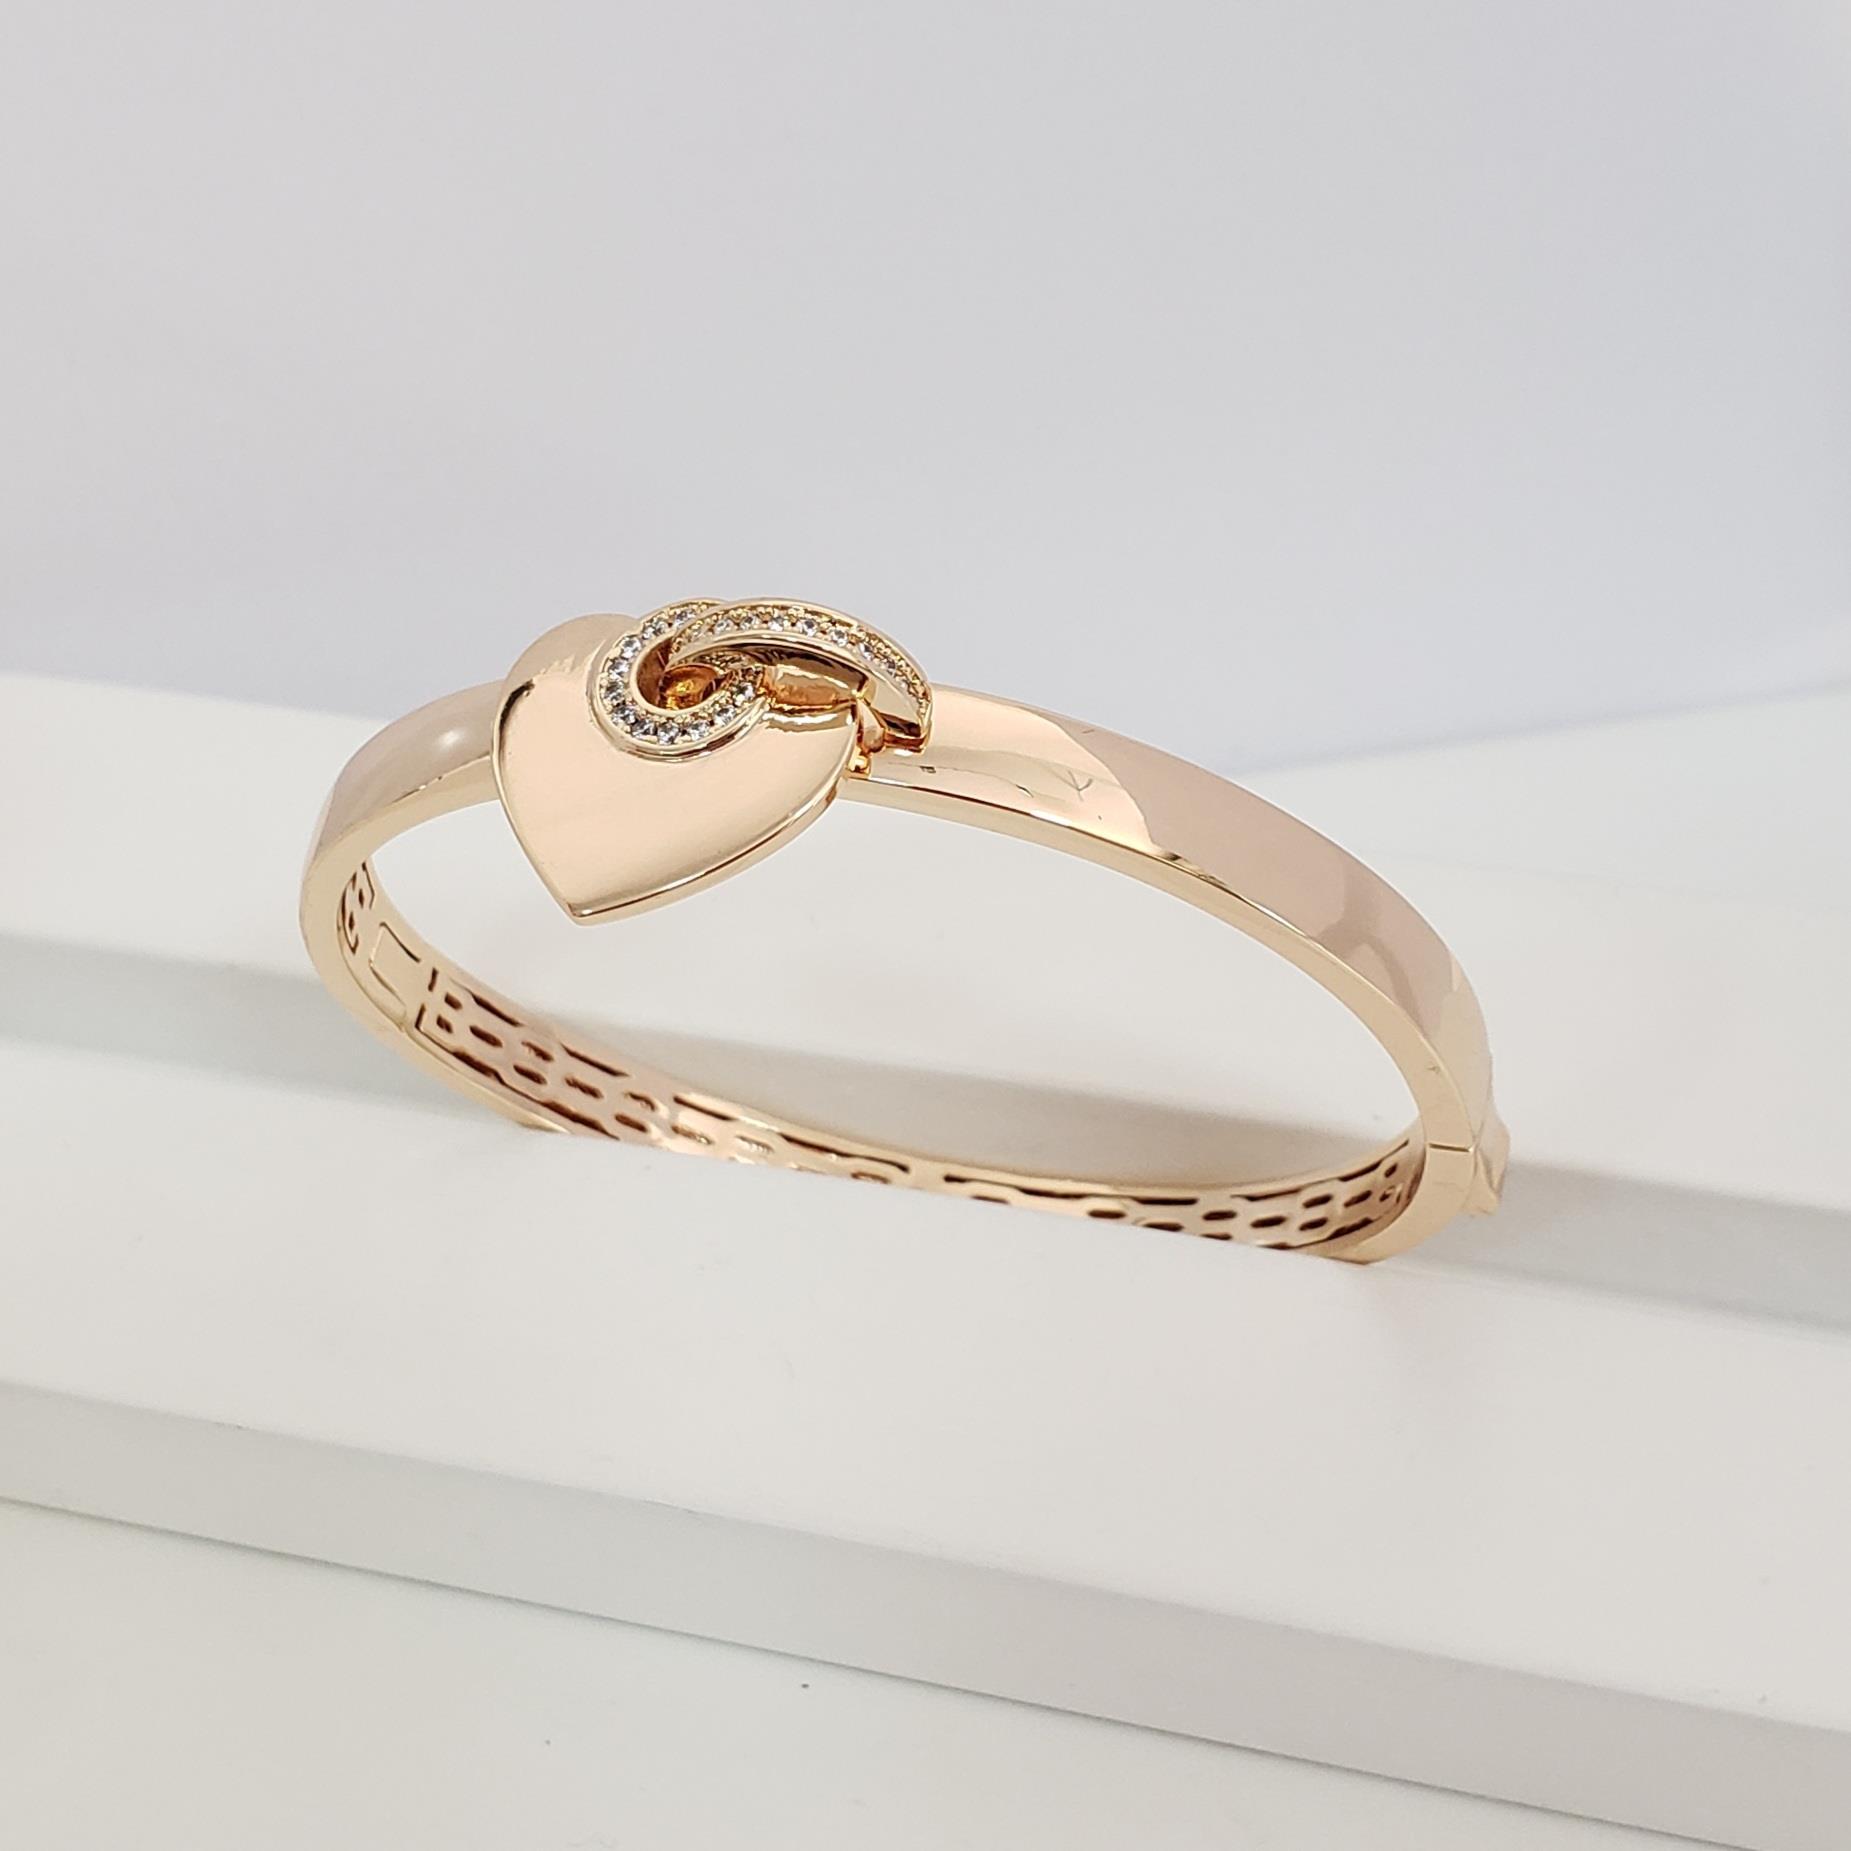 Bracelete Reto Largo com Coração Liso Borda Zircônia no Banho Ouro 18k Semijoia